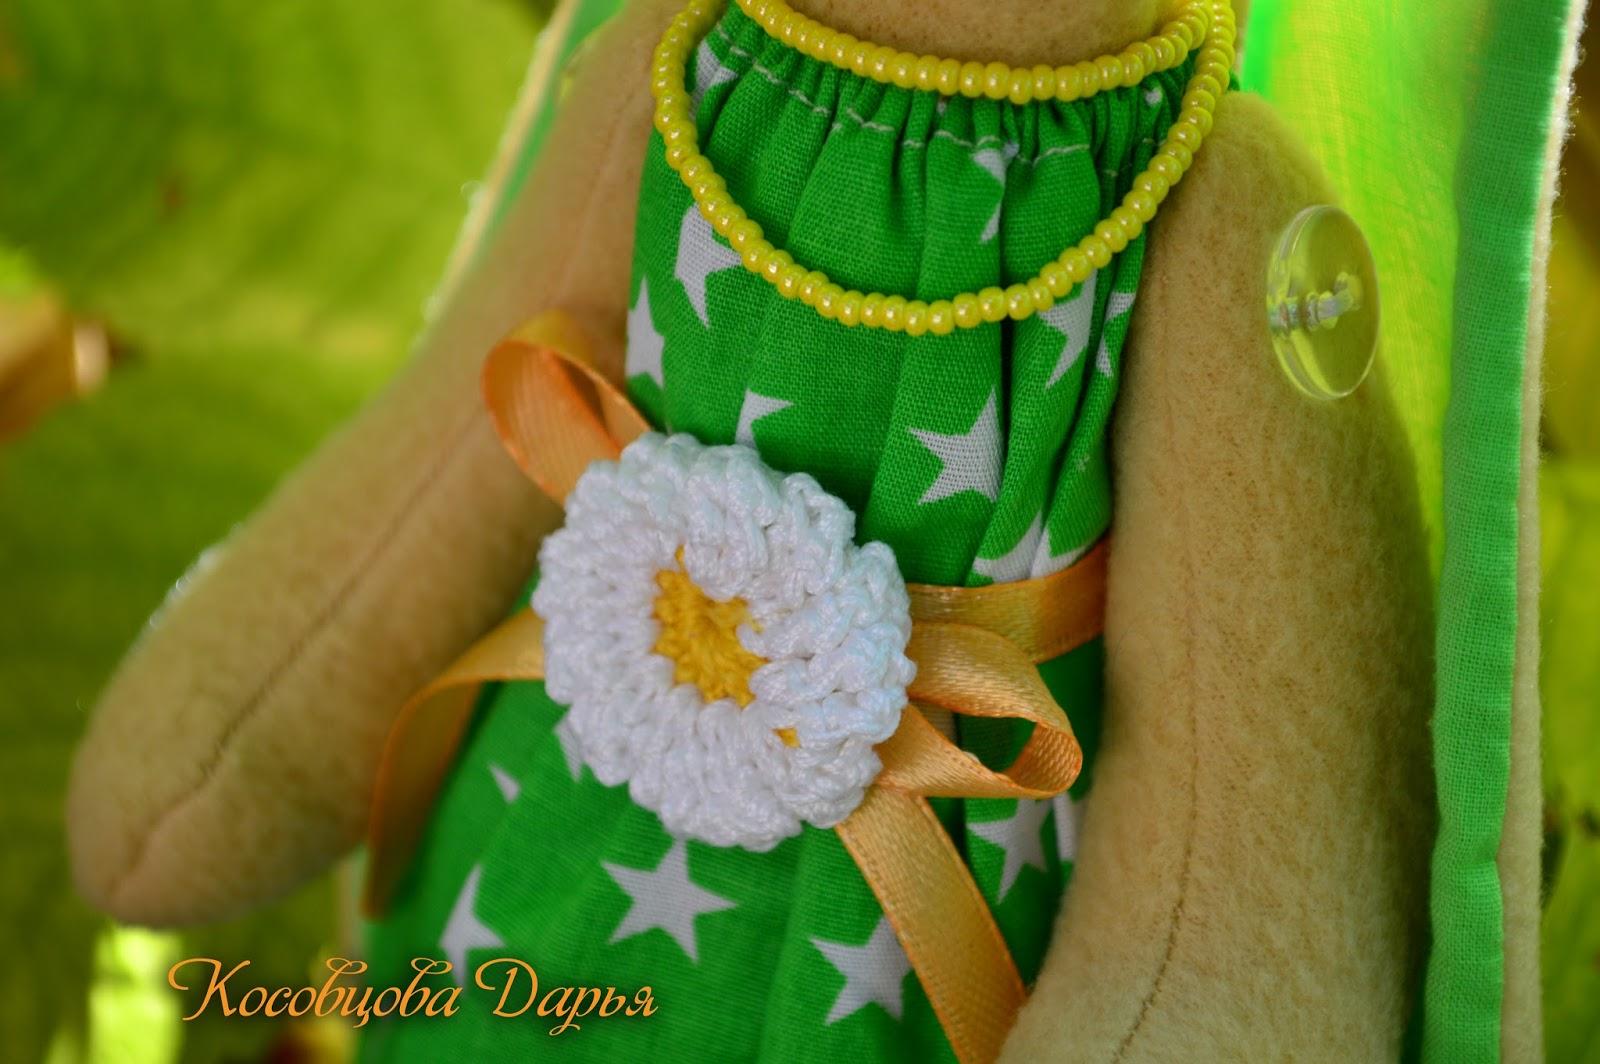 Tilda, ручная работа, игрушки Киев, подарки на день рождения, подарок на свадьбу, подарок для детей hand-made , игрушка для ребенка заяц, украинские игрушки для детей.